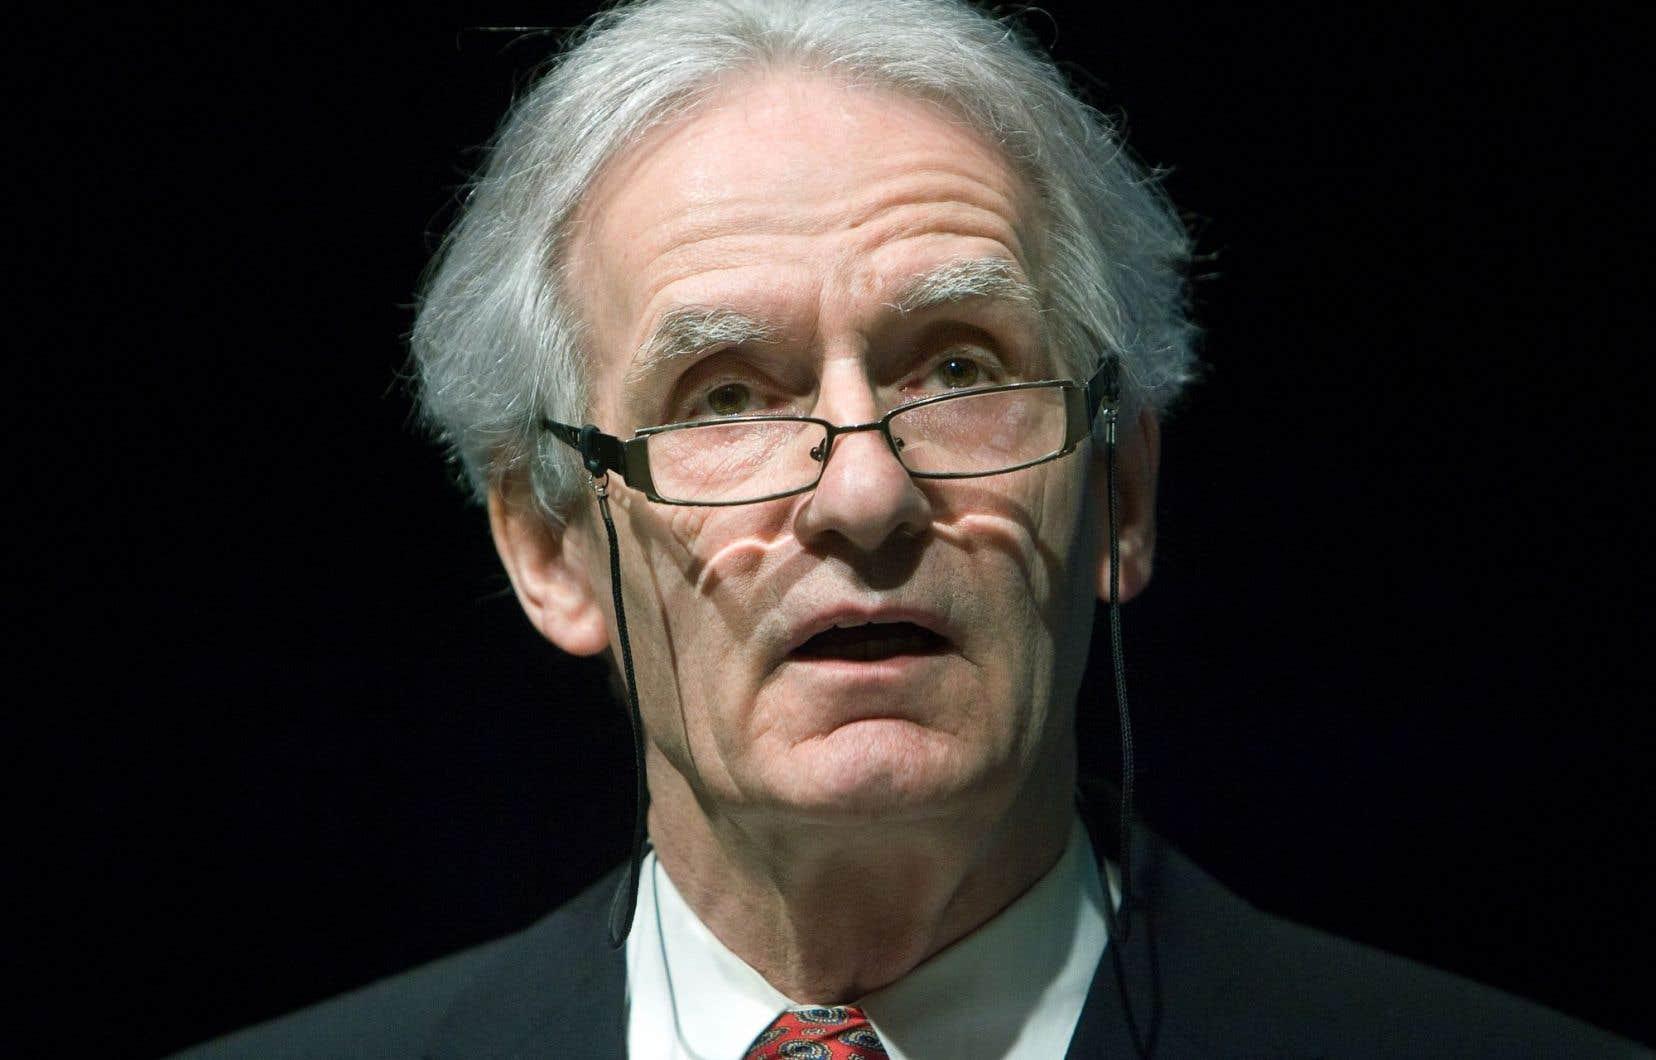 Aujourd'hui, souligne M.Bouchard, l'Union européenne éprouverait un énorme «déficit démocratique» difficile à réparer.